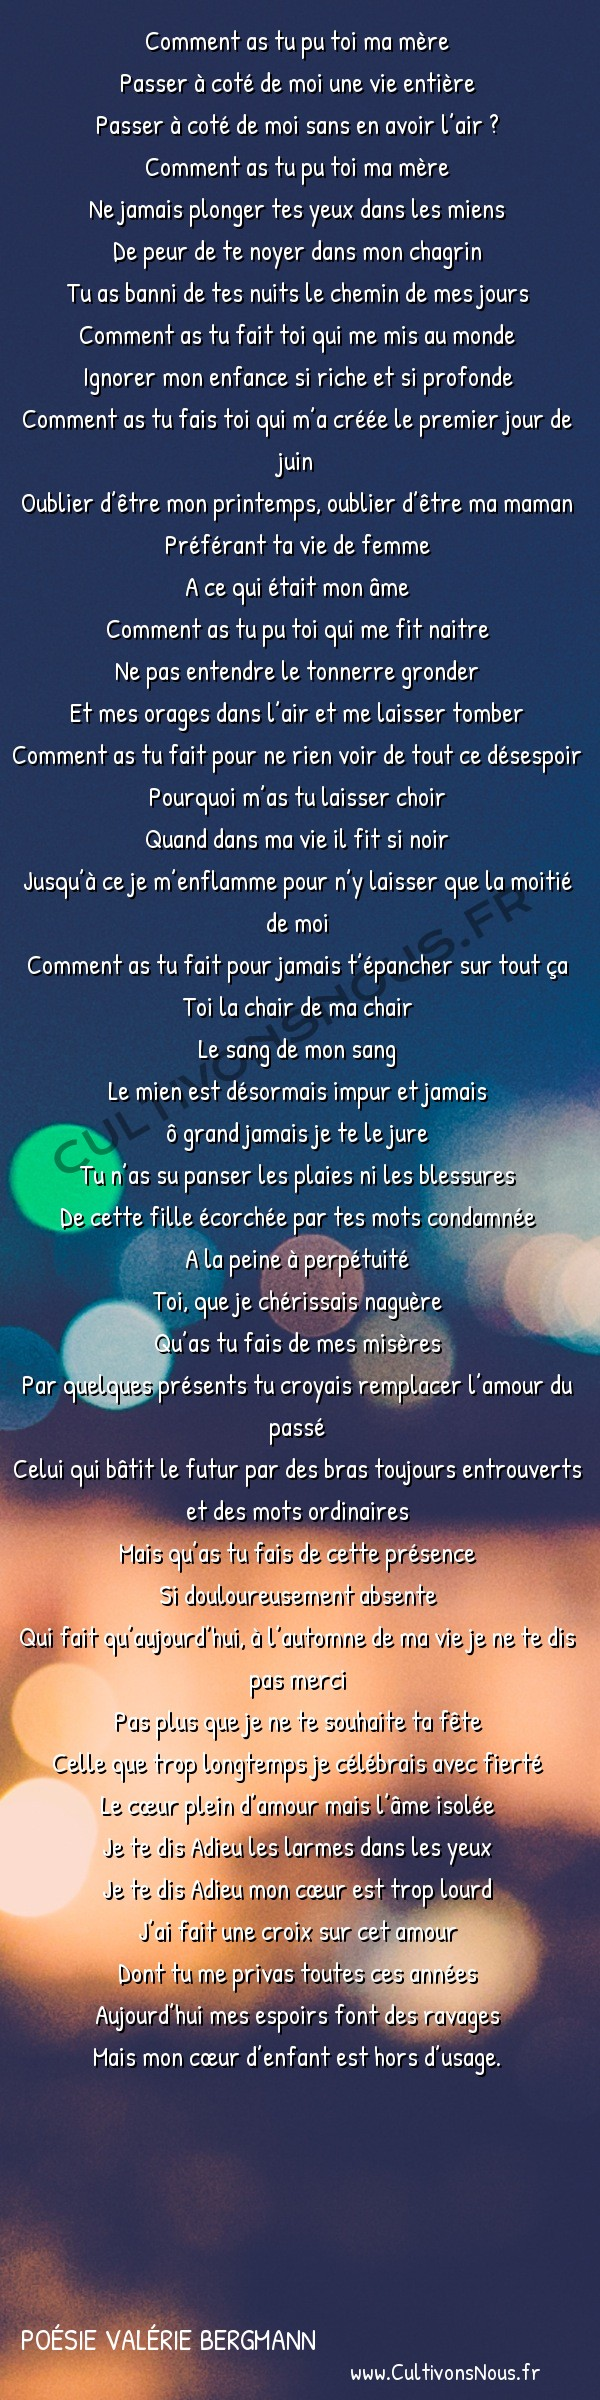 Poésies contemporaines - poésie Valérie Bergmann - Fête des mères … Ou pas. -   Comment as tu pu toi ma mère Passer à coté de moi une vie entière